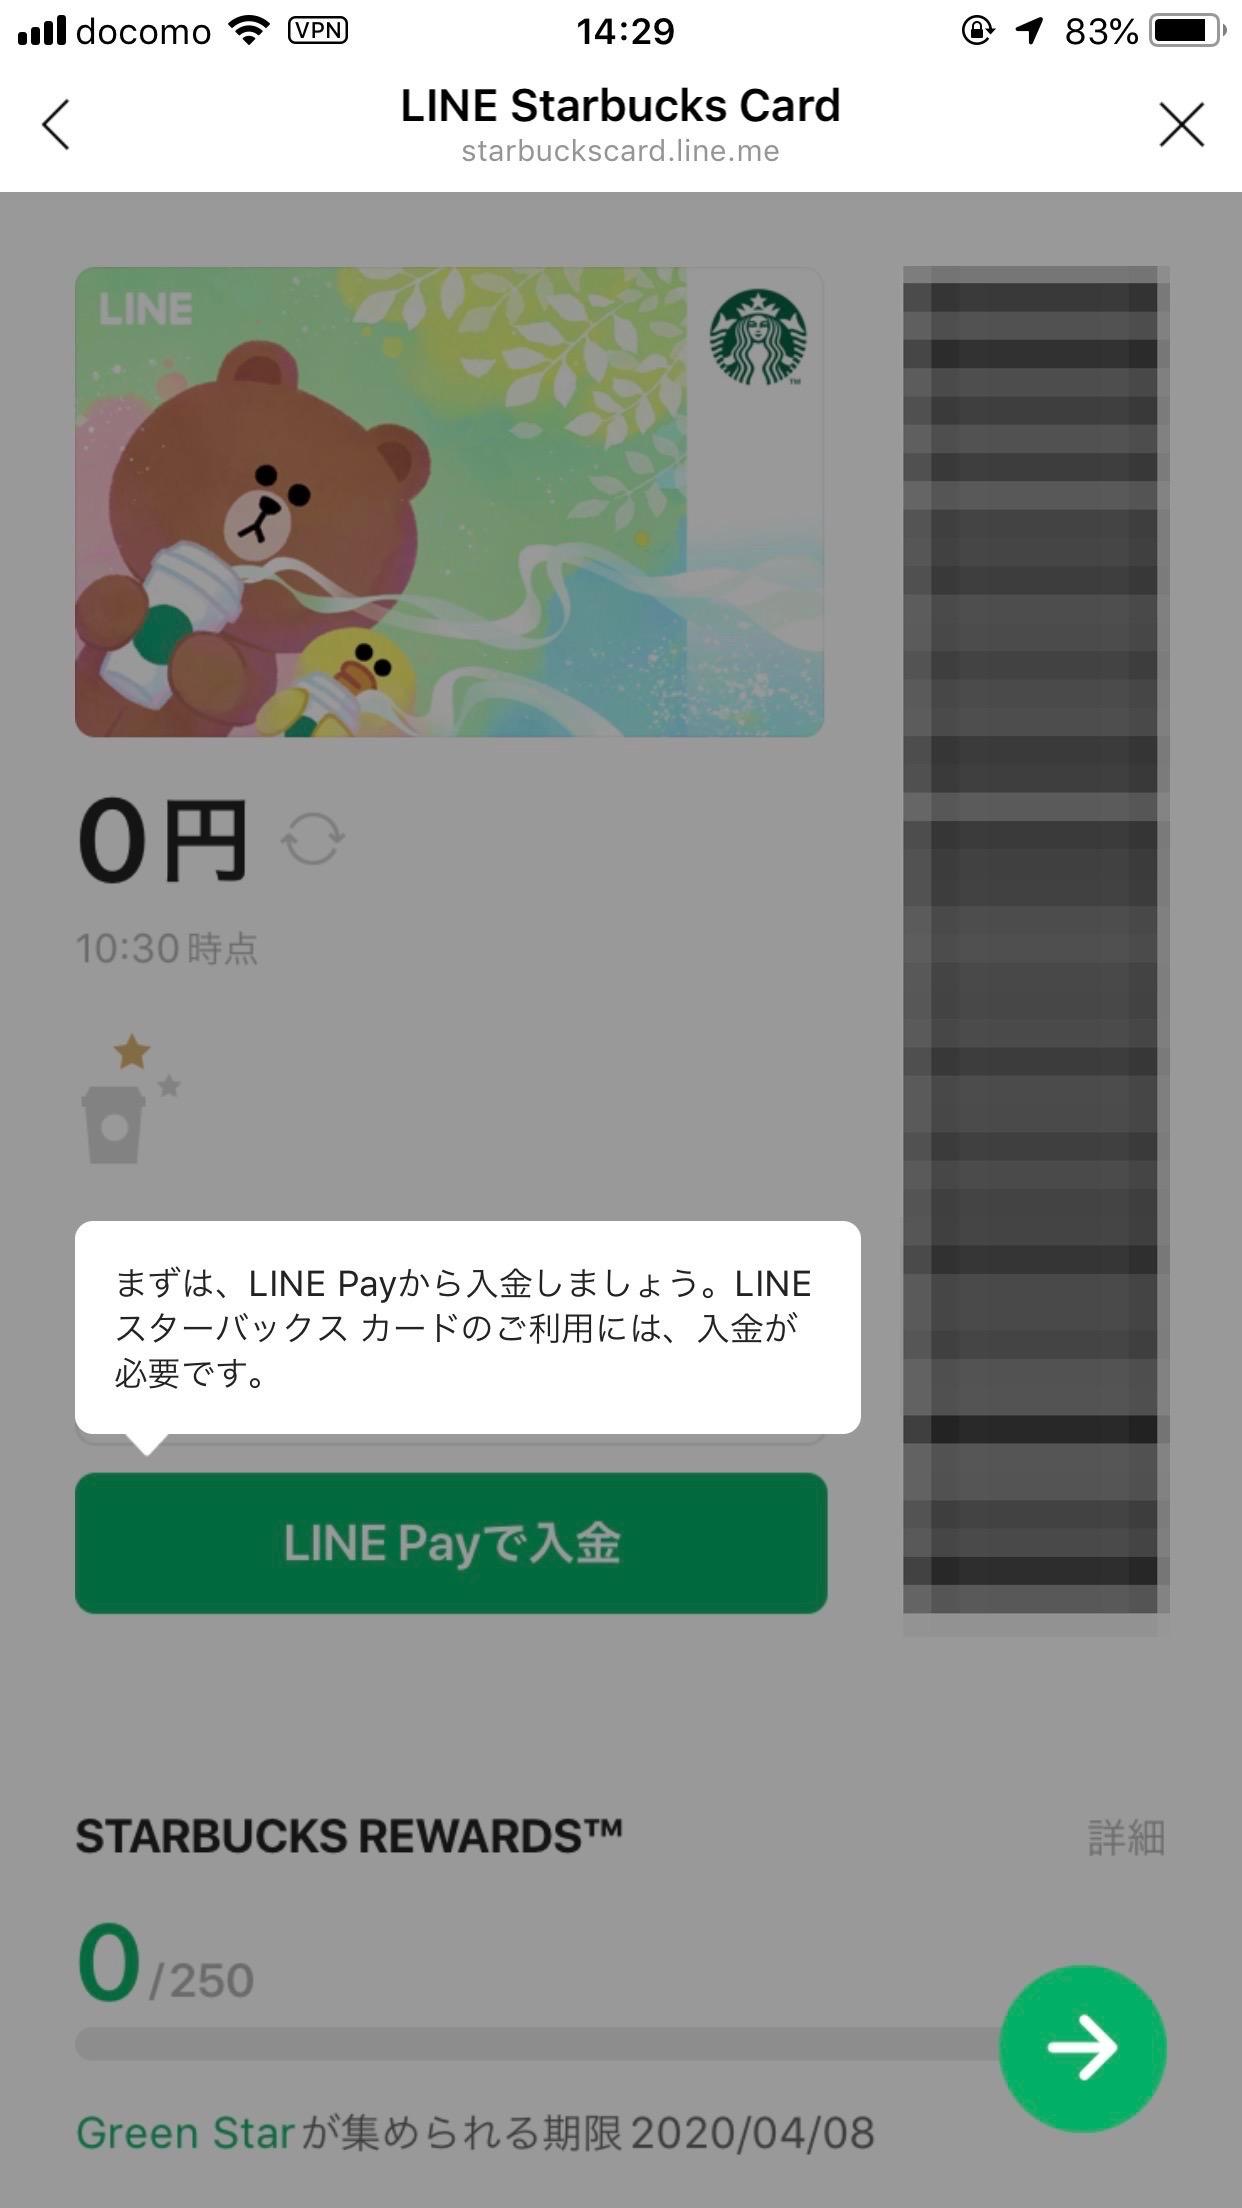 LINEスターバックスカード 10